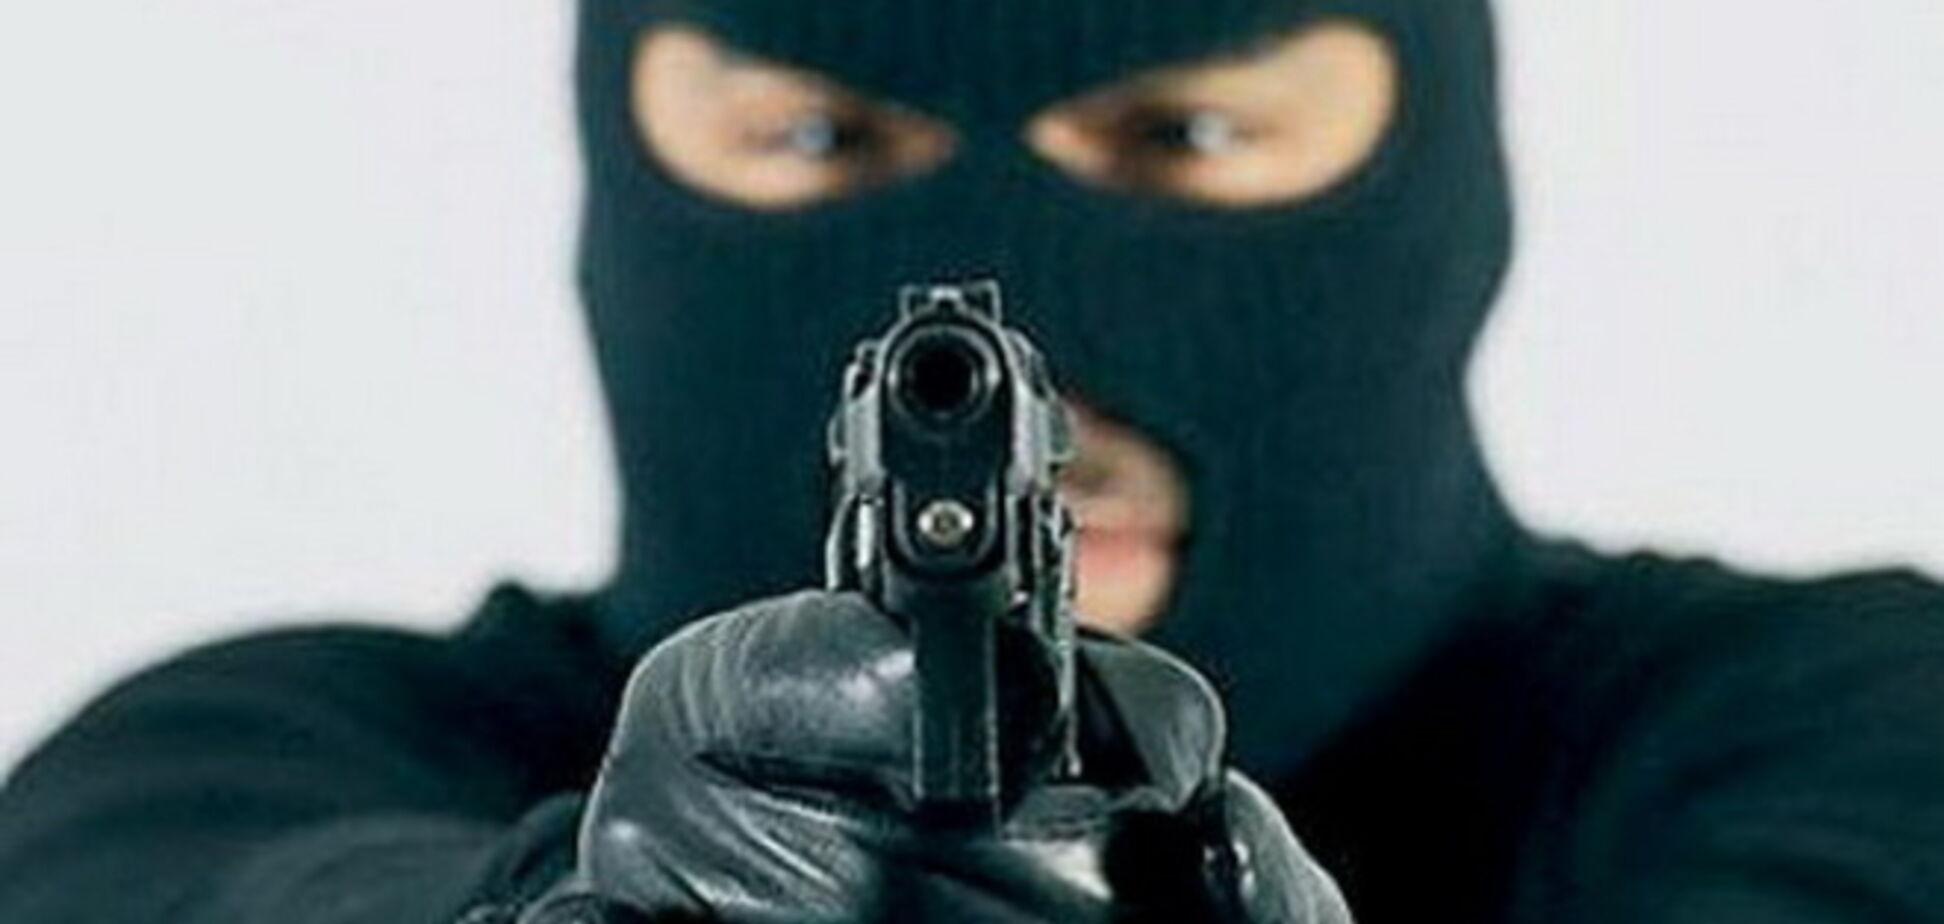 На Черниговщине вооруженные налетчики похитили у экспедиторов 80 тыс. грн